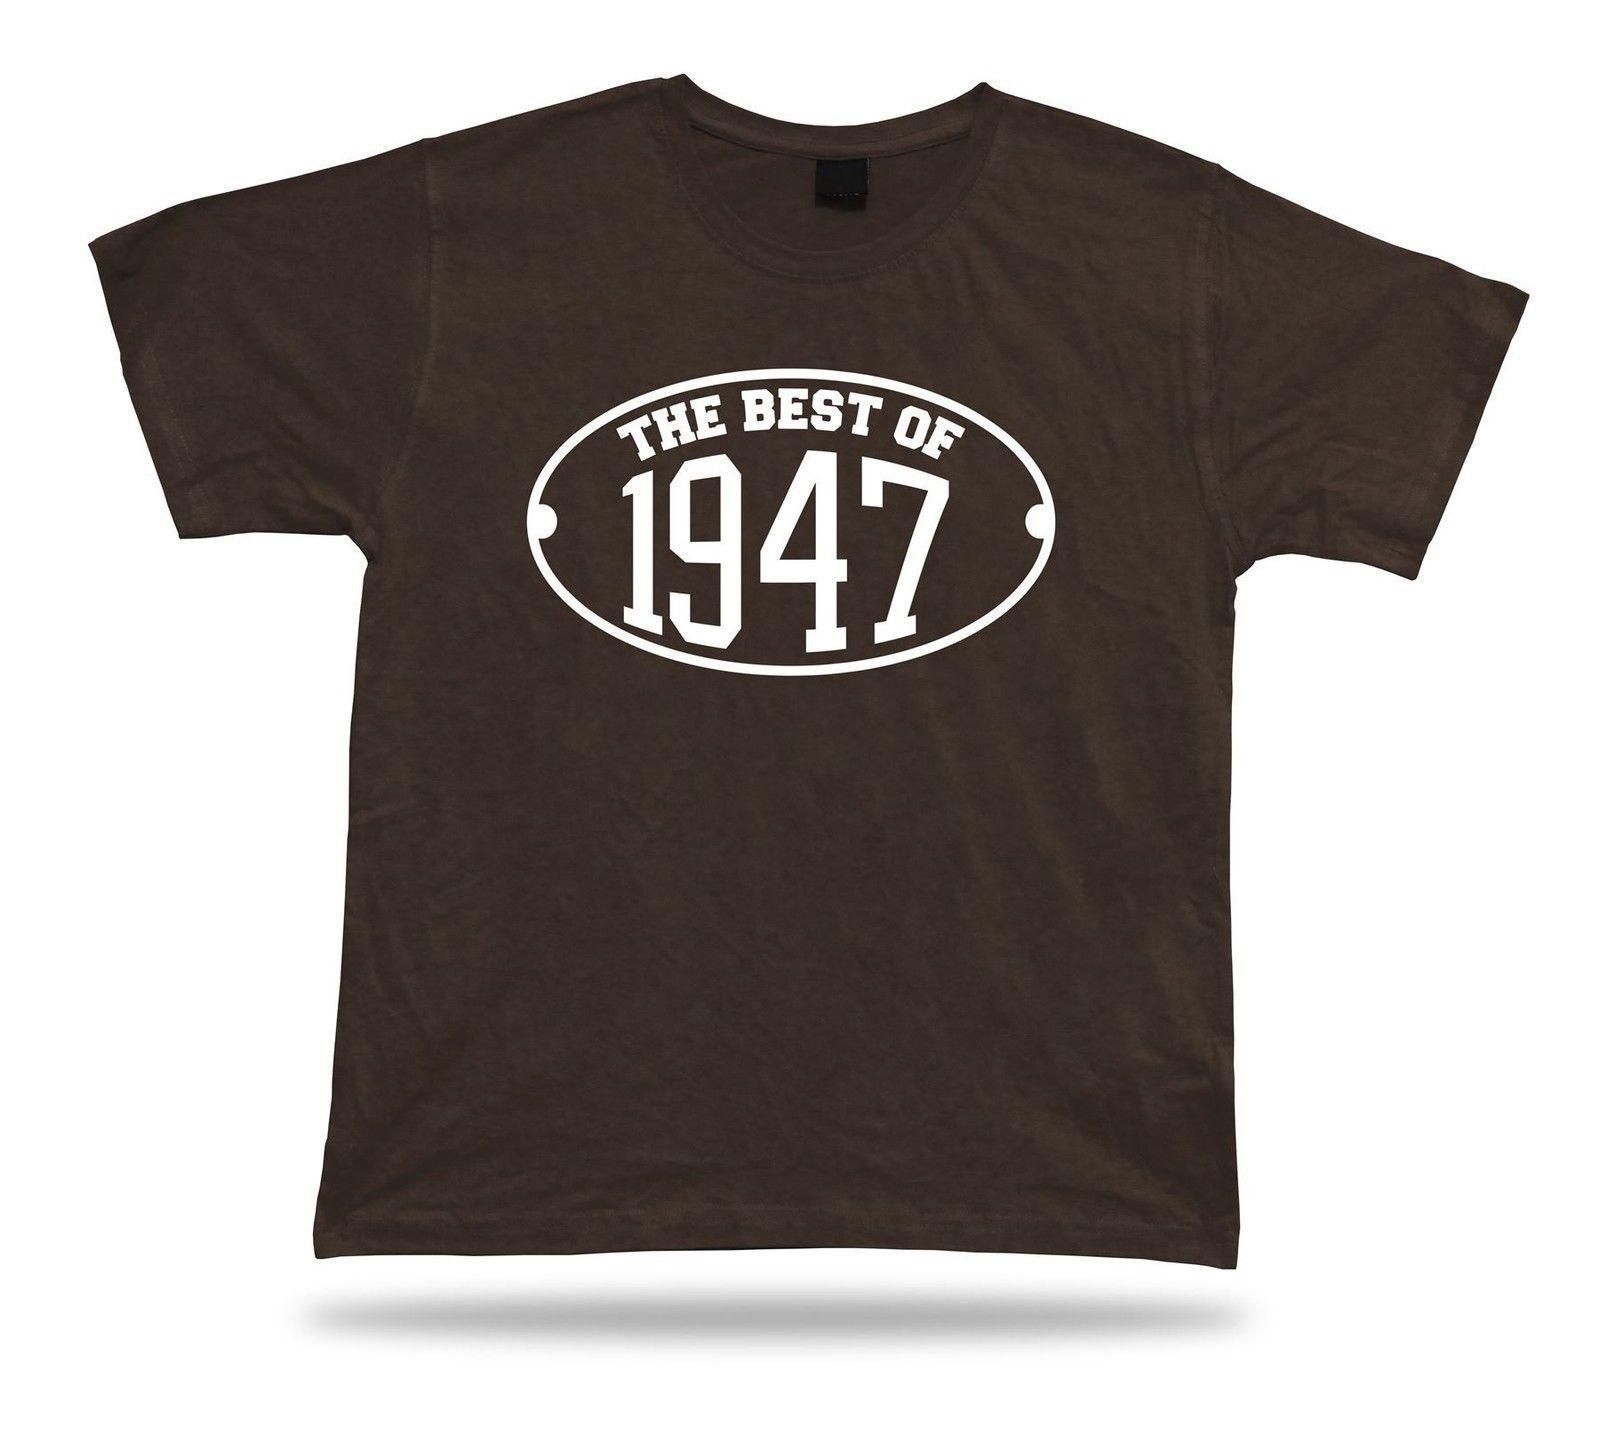 Camiseta de camiseta estampada Lo mejor de 1947 feliz cumpleaños presente idea de regalo unisex